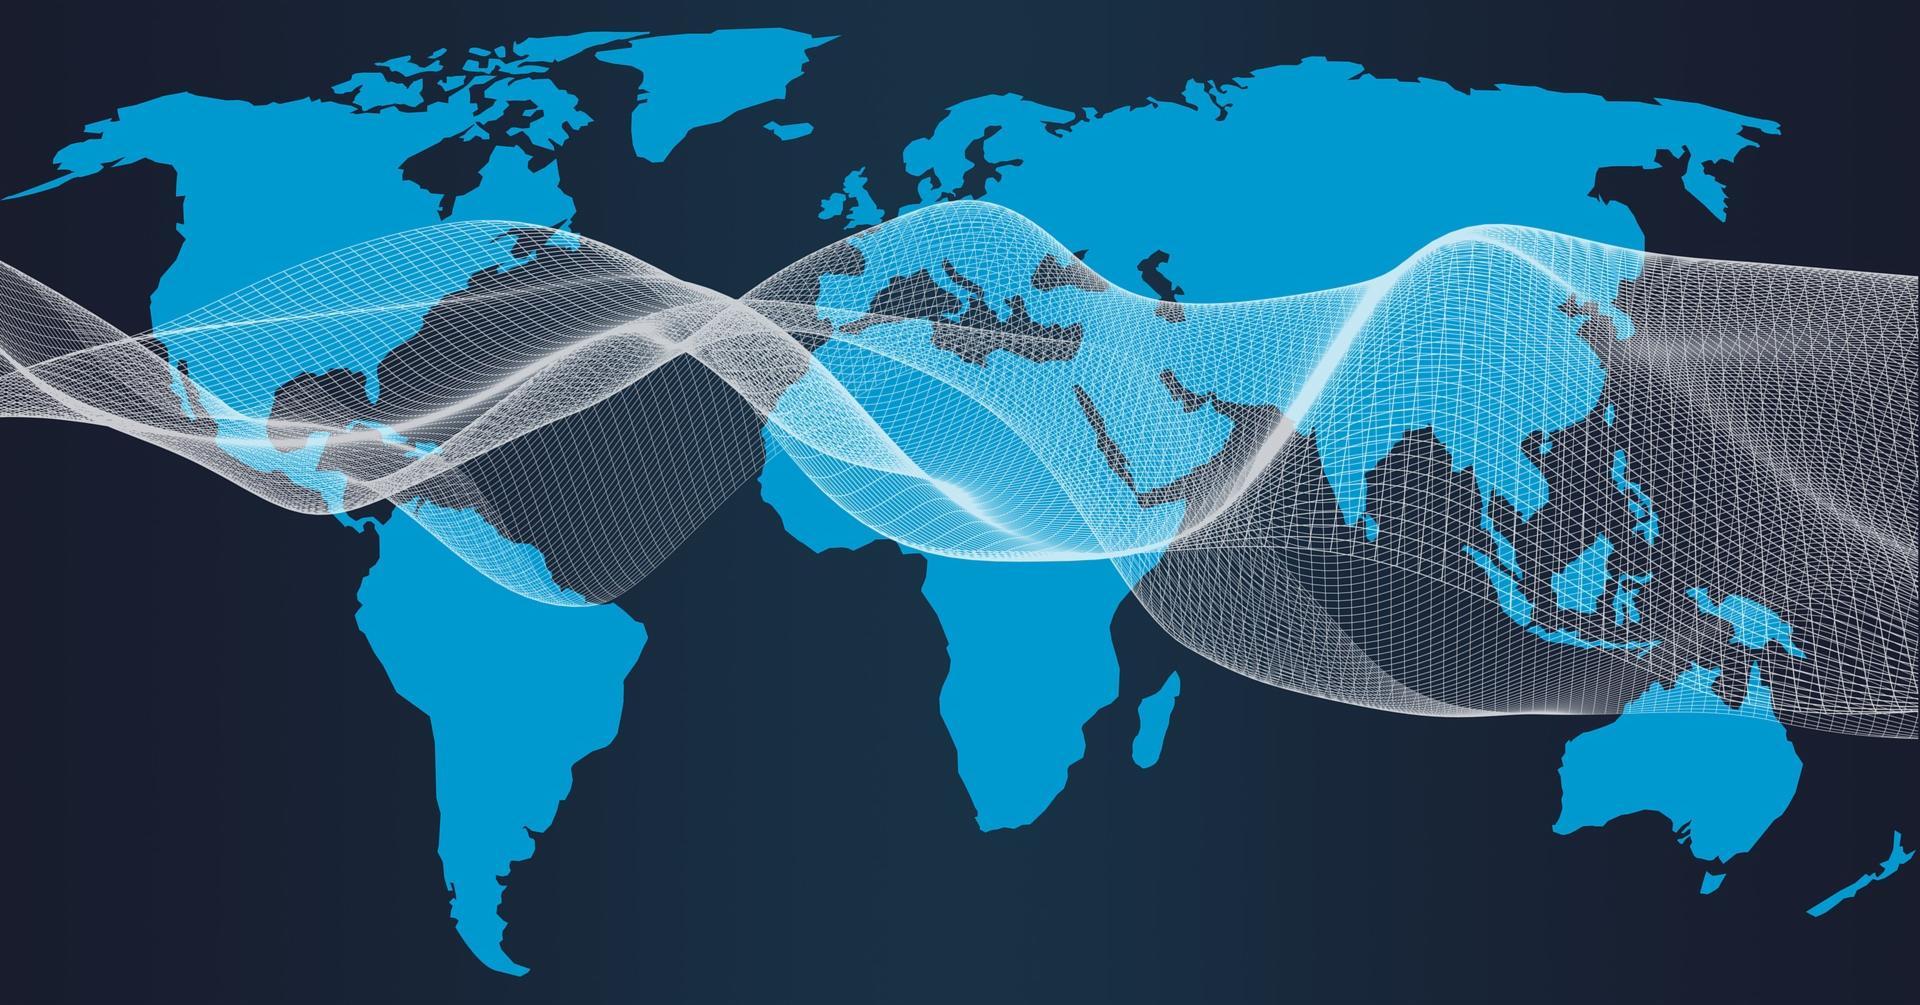 Tipps für einen gelungenen internationalen Markteinstieg über den eigenen Onlineshop